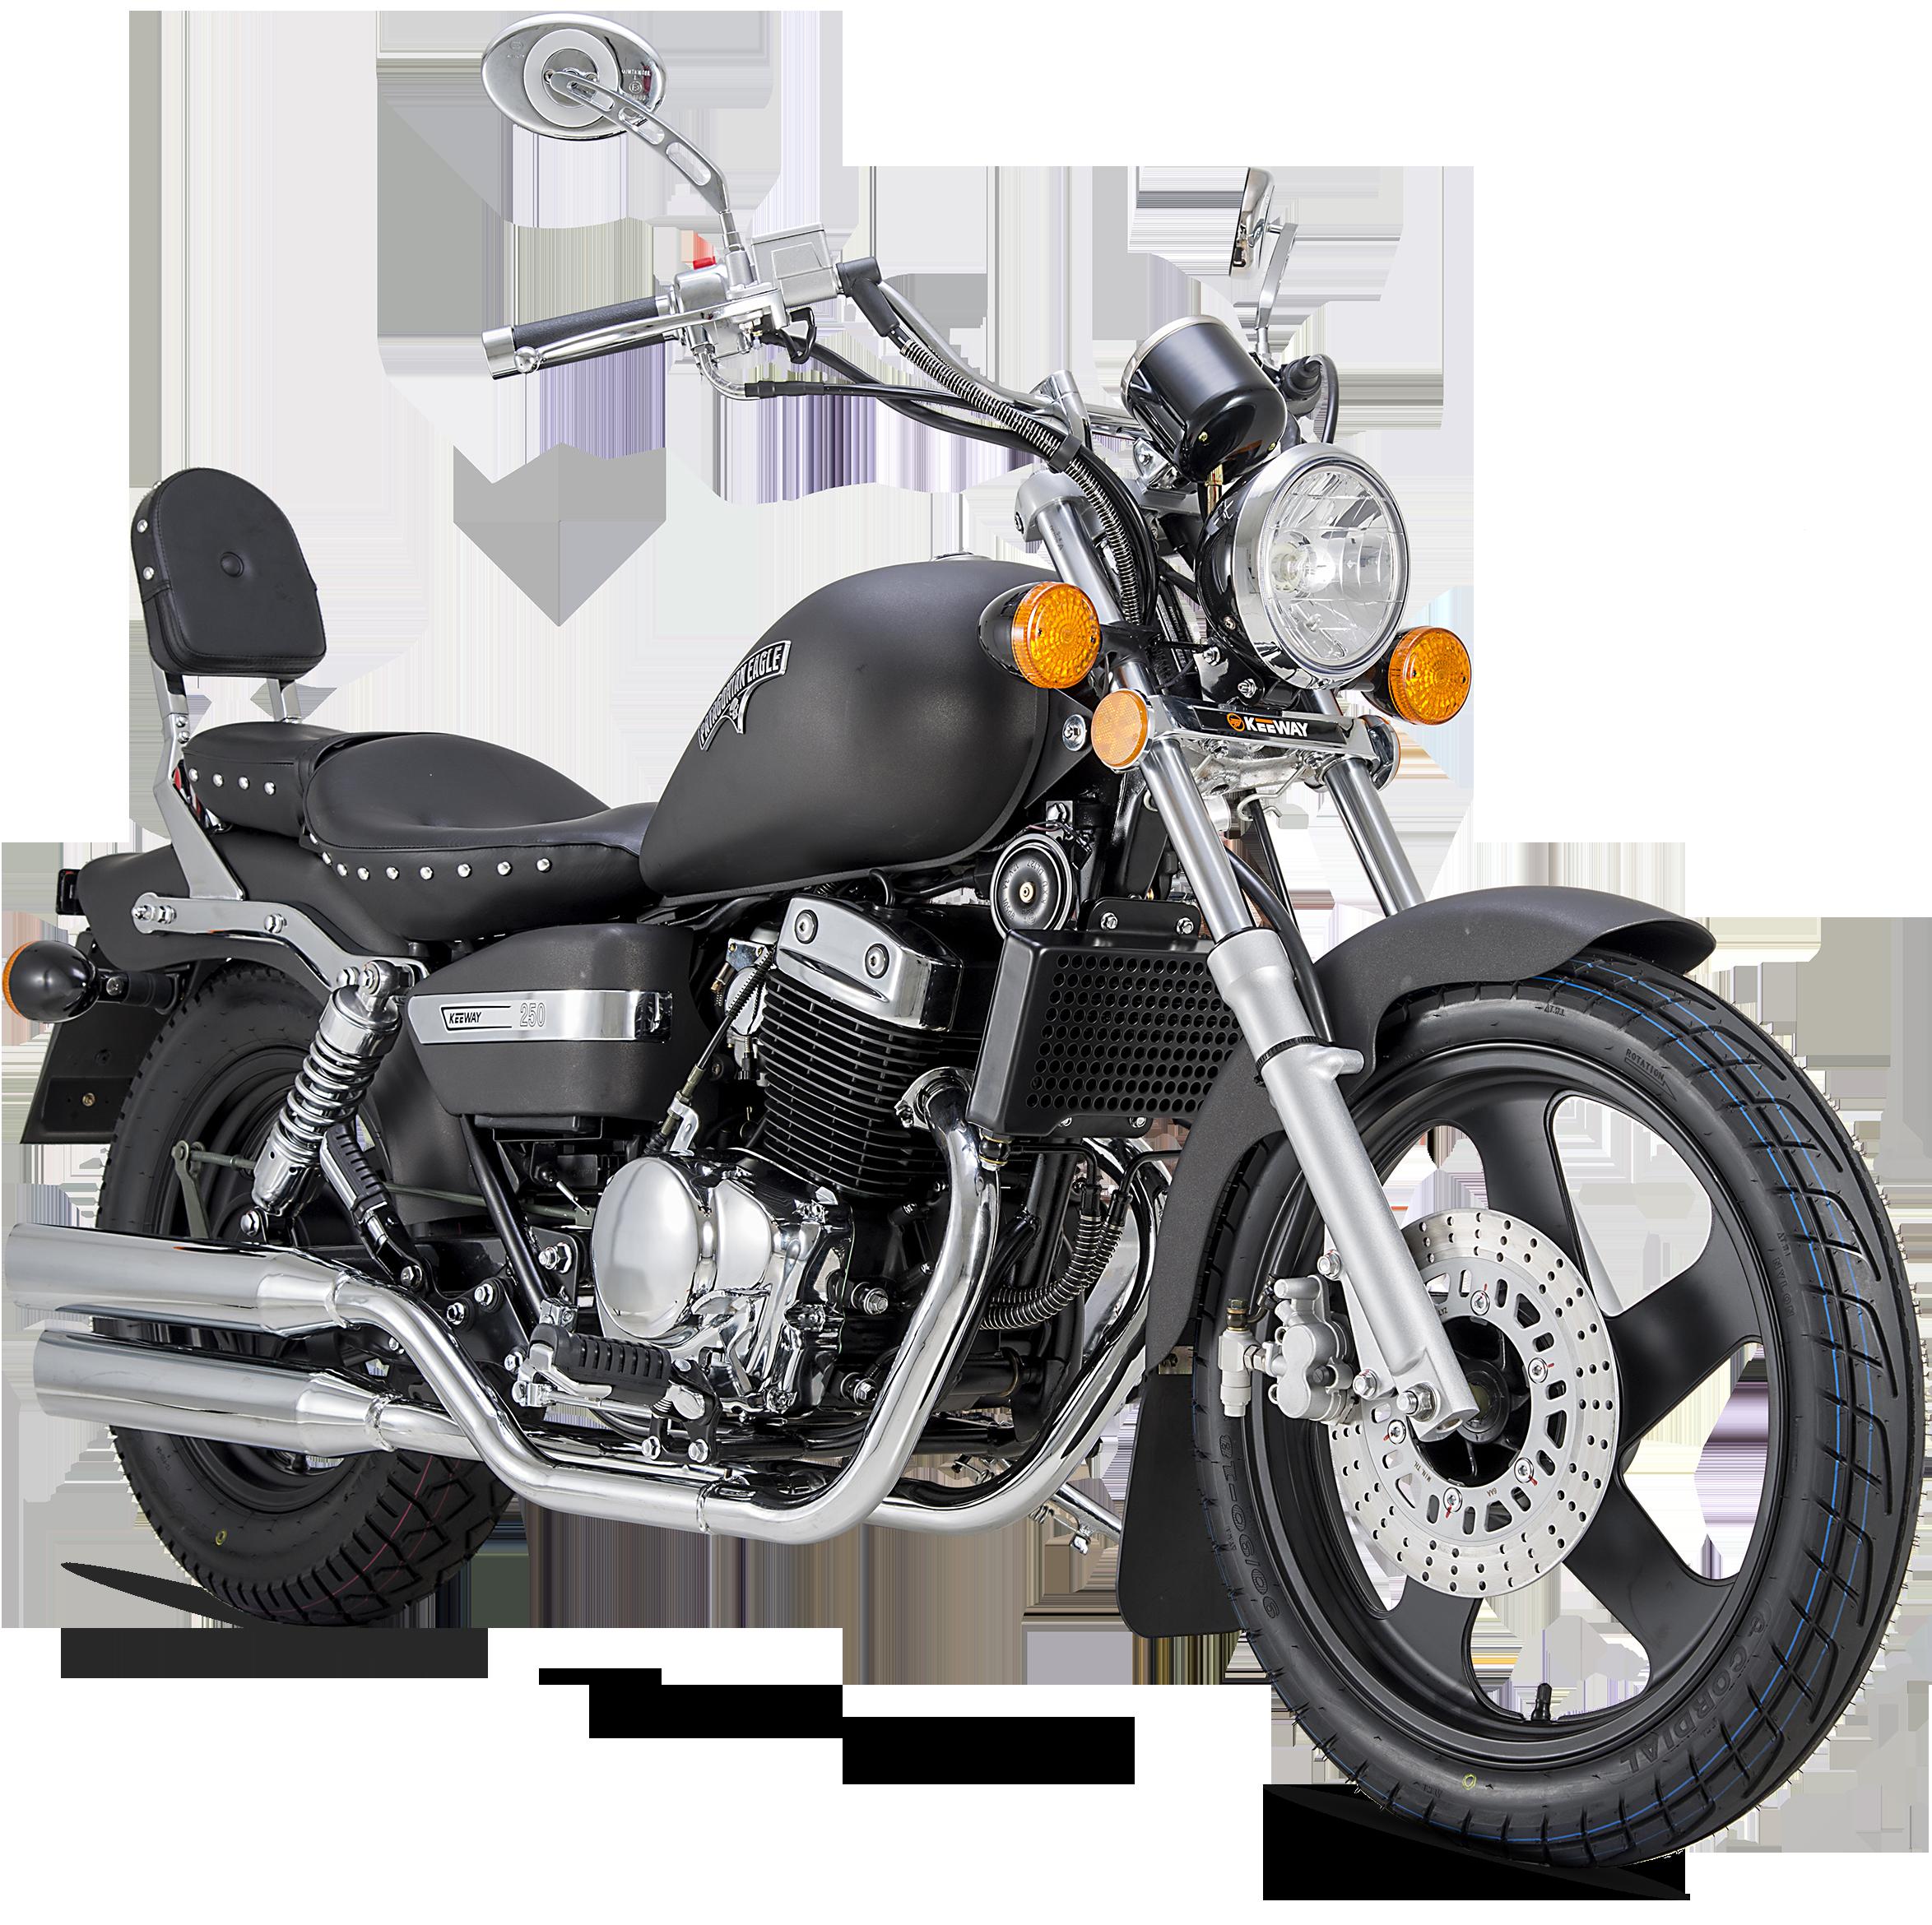 Fotos de motocicletas modificadas 88